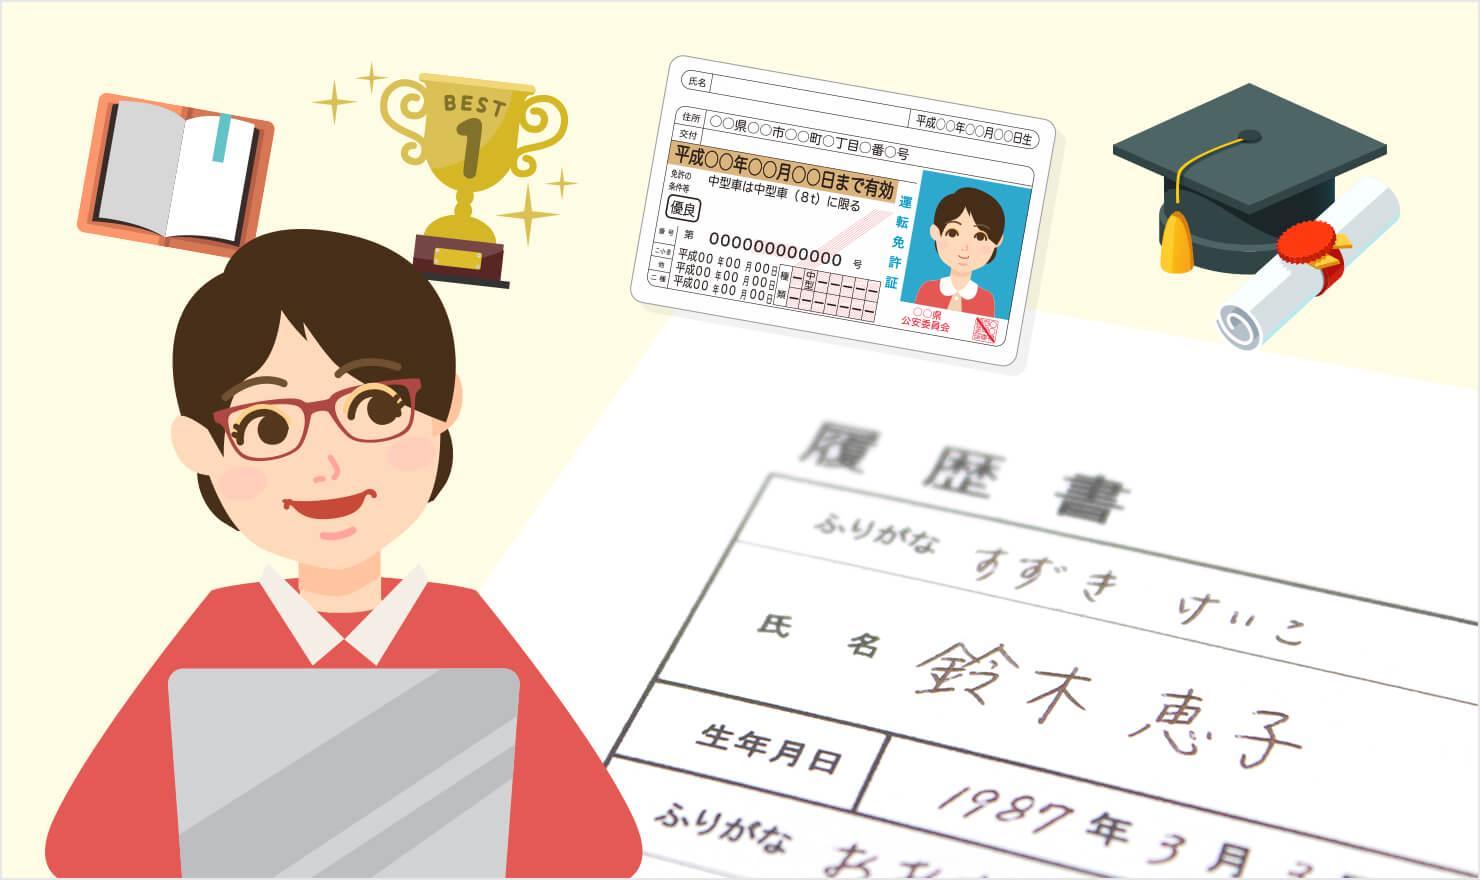 良い履歴書はこう書く!読んで学べる書き方のポイントまとめ | JOBSHIL